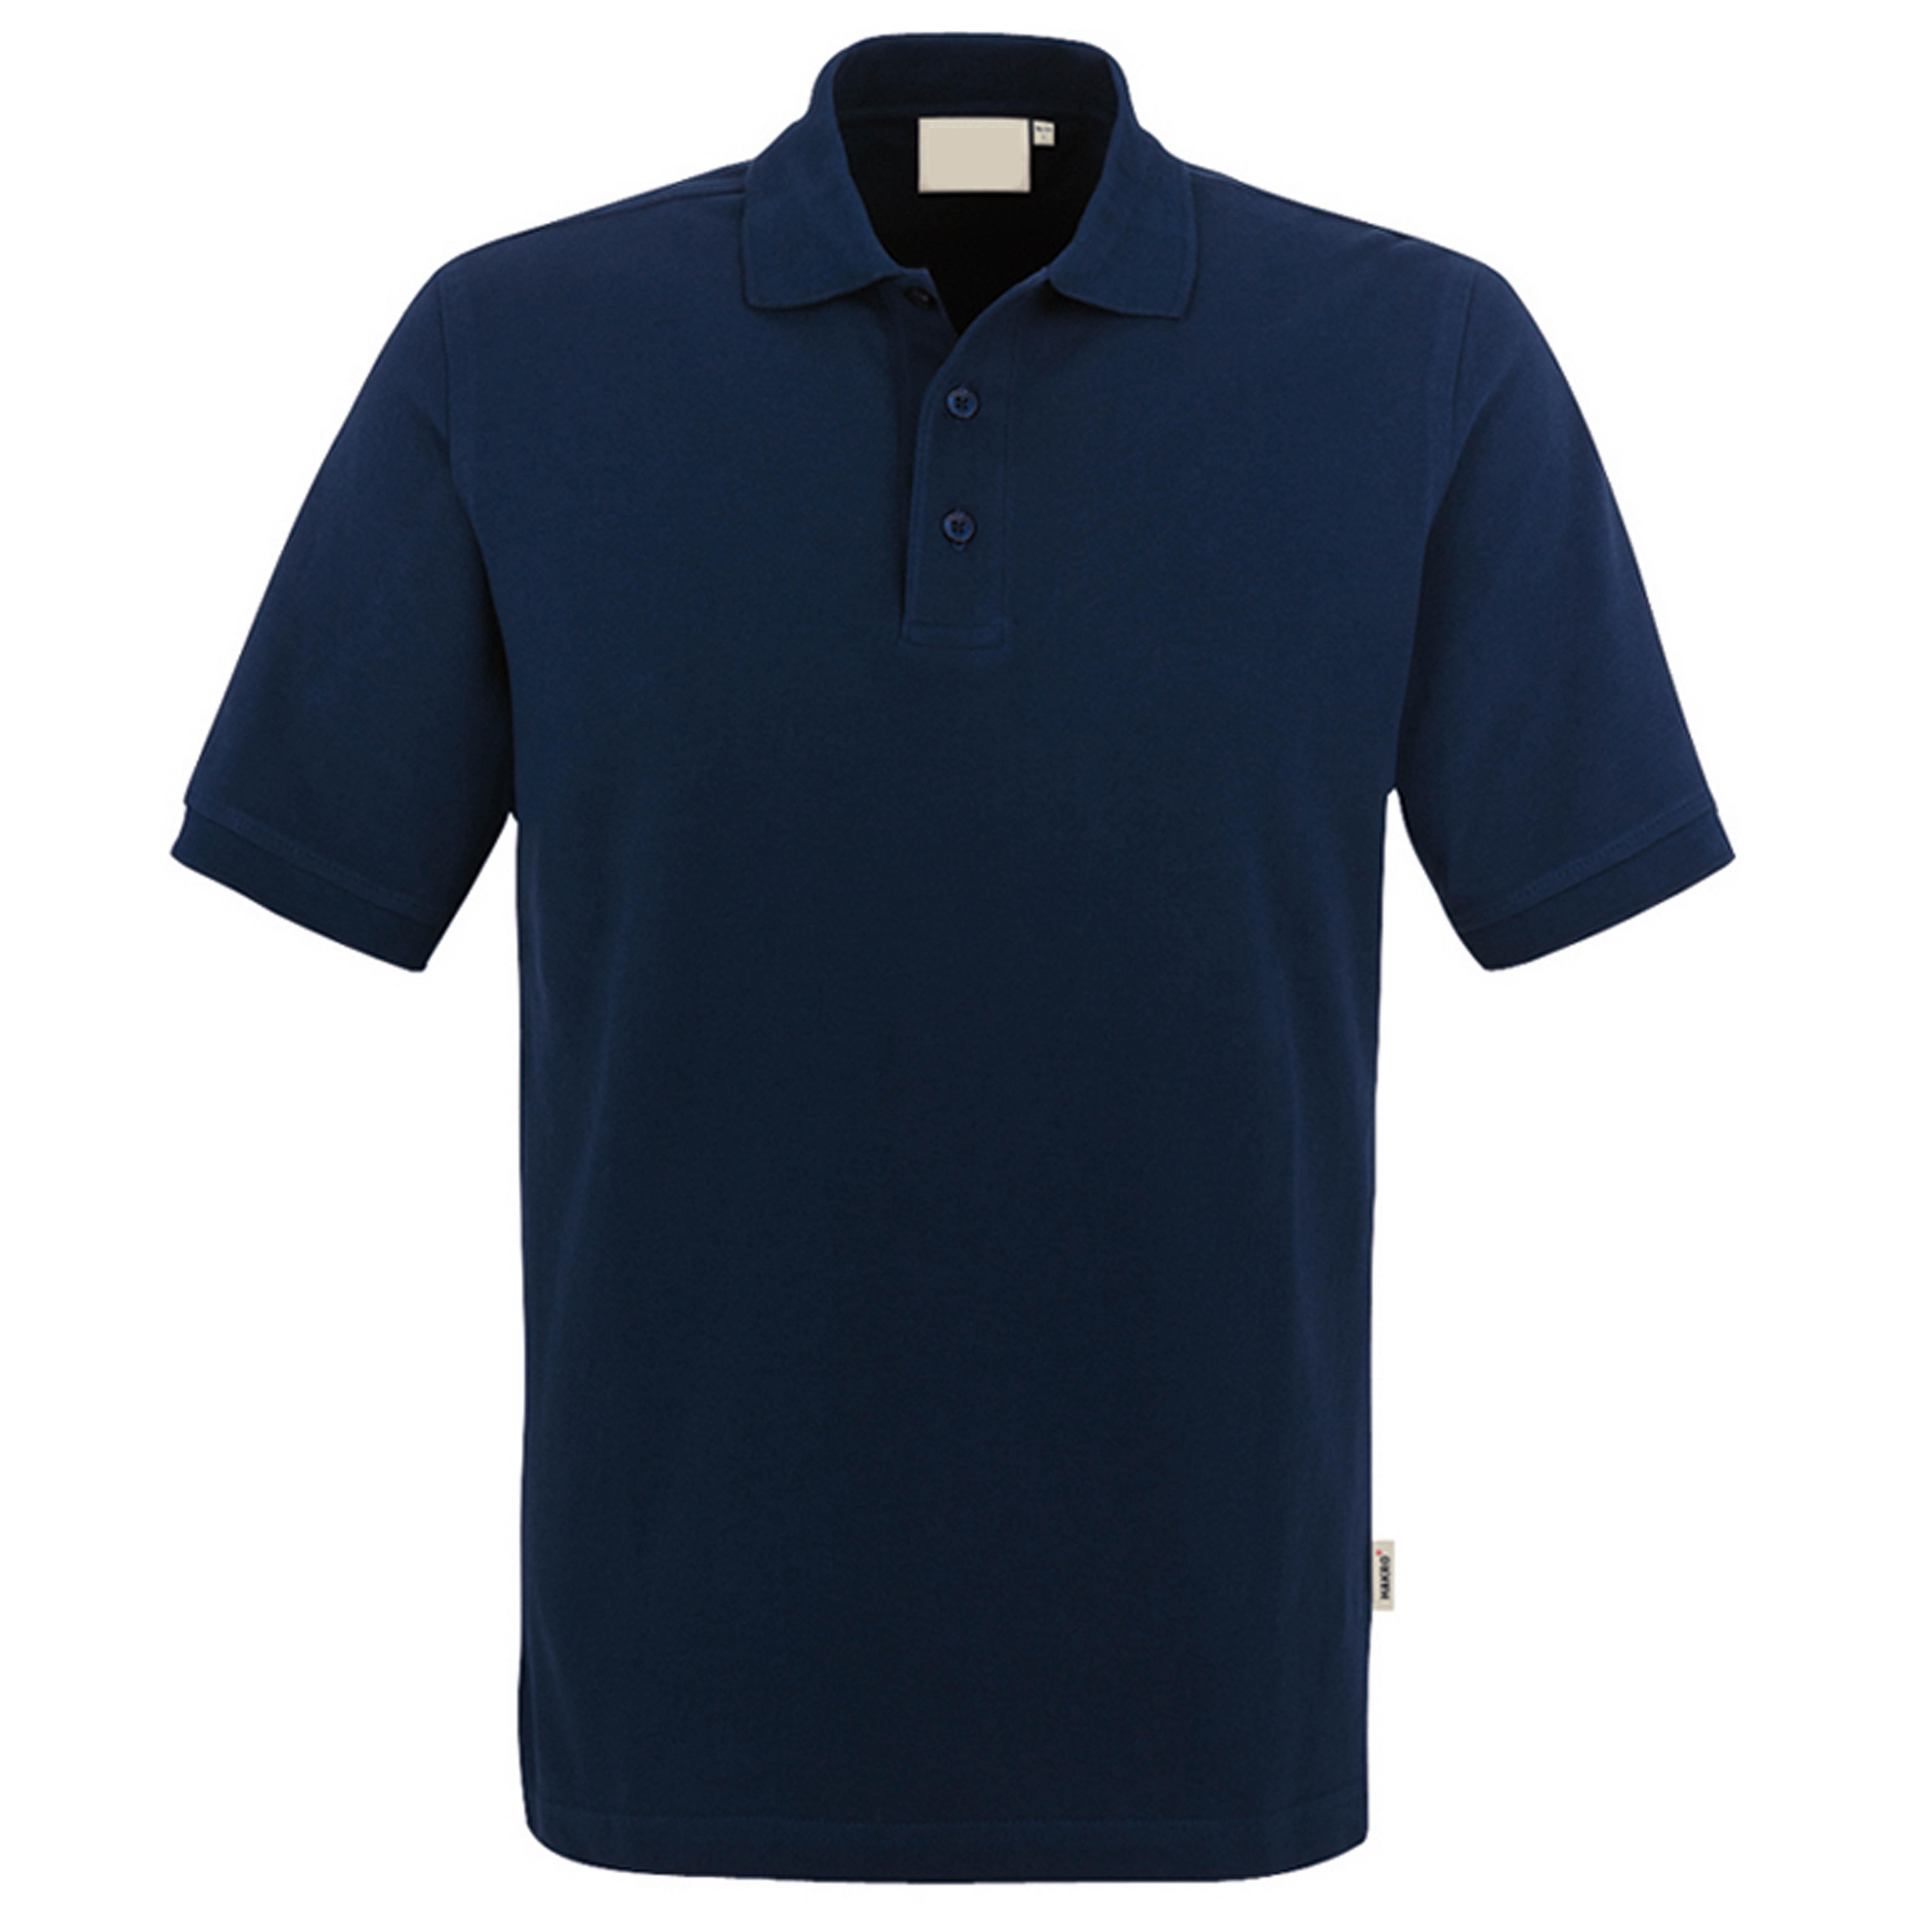 Polo-Piqué-Hemd, tinte, Einstickung >EH< weiß